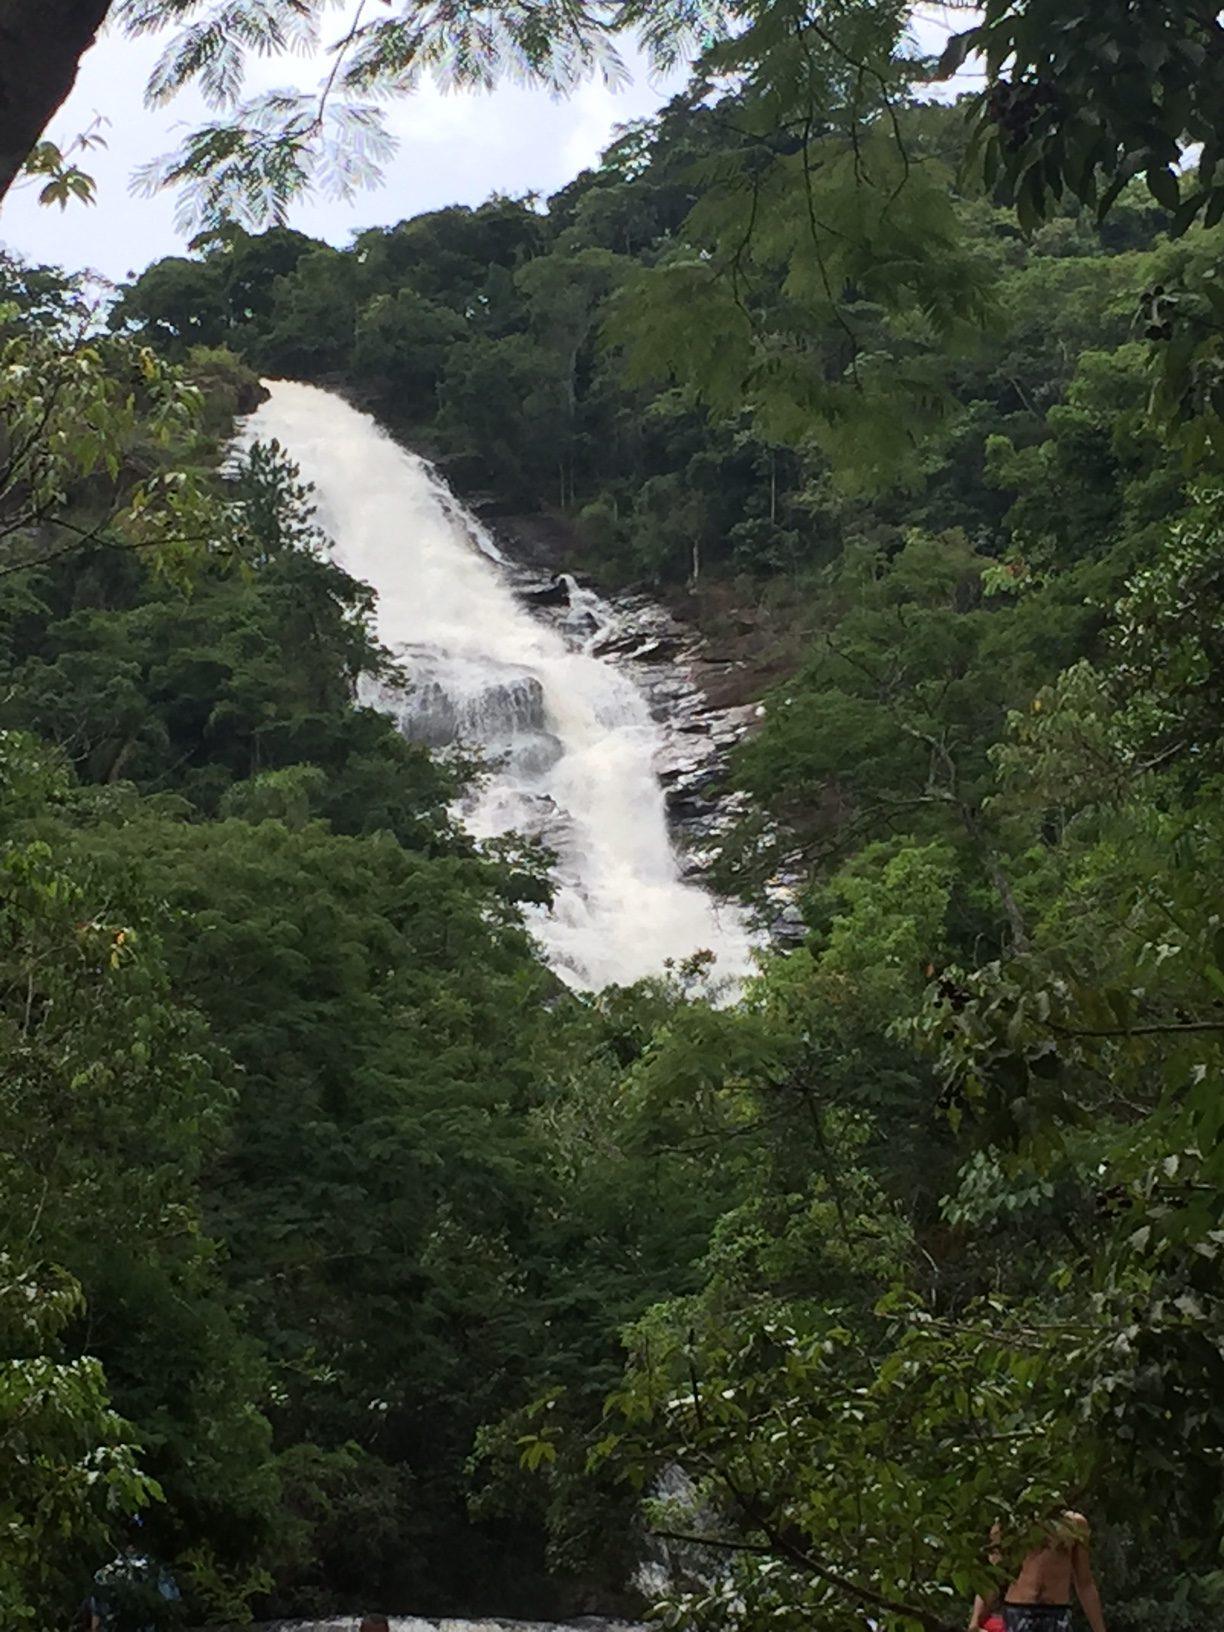 A cachoeira começa no alto do morro....